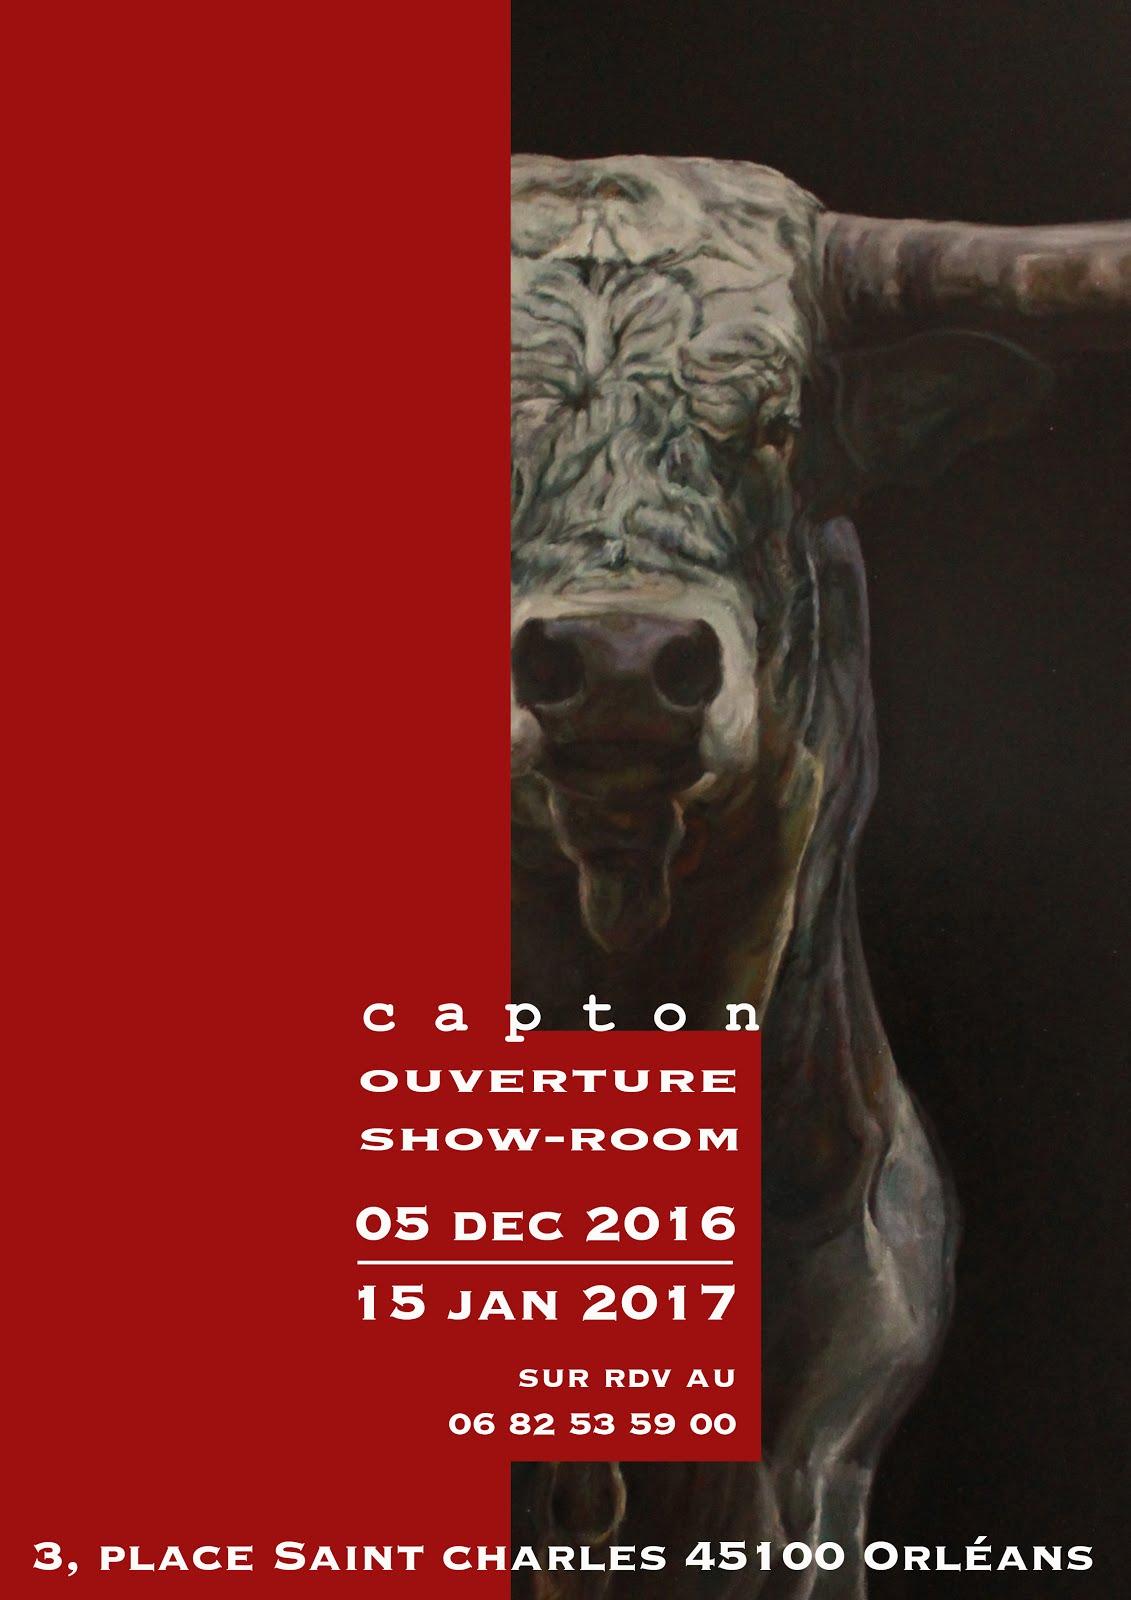 ORLÉANS : CAPTON OUVRE SON SHOW-ROOM DU 5 DÉCEMBRE 2016 AU 15 JANVIER 2017